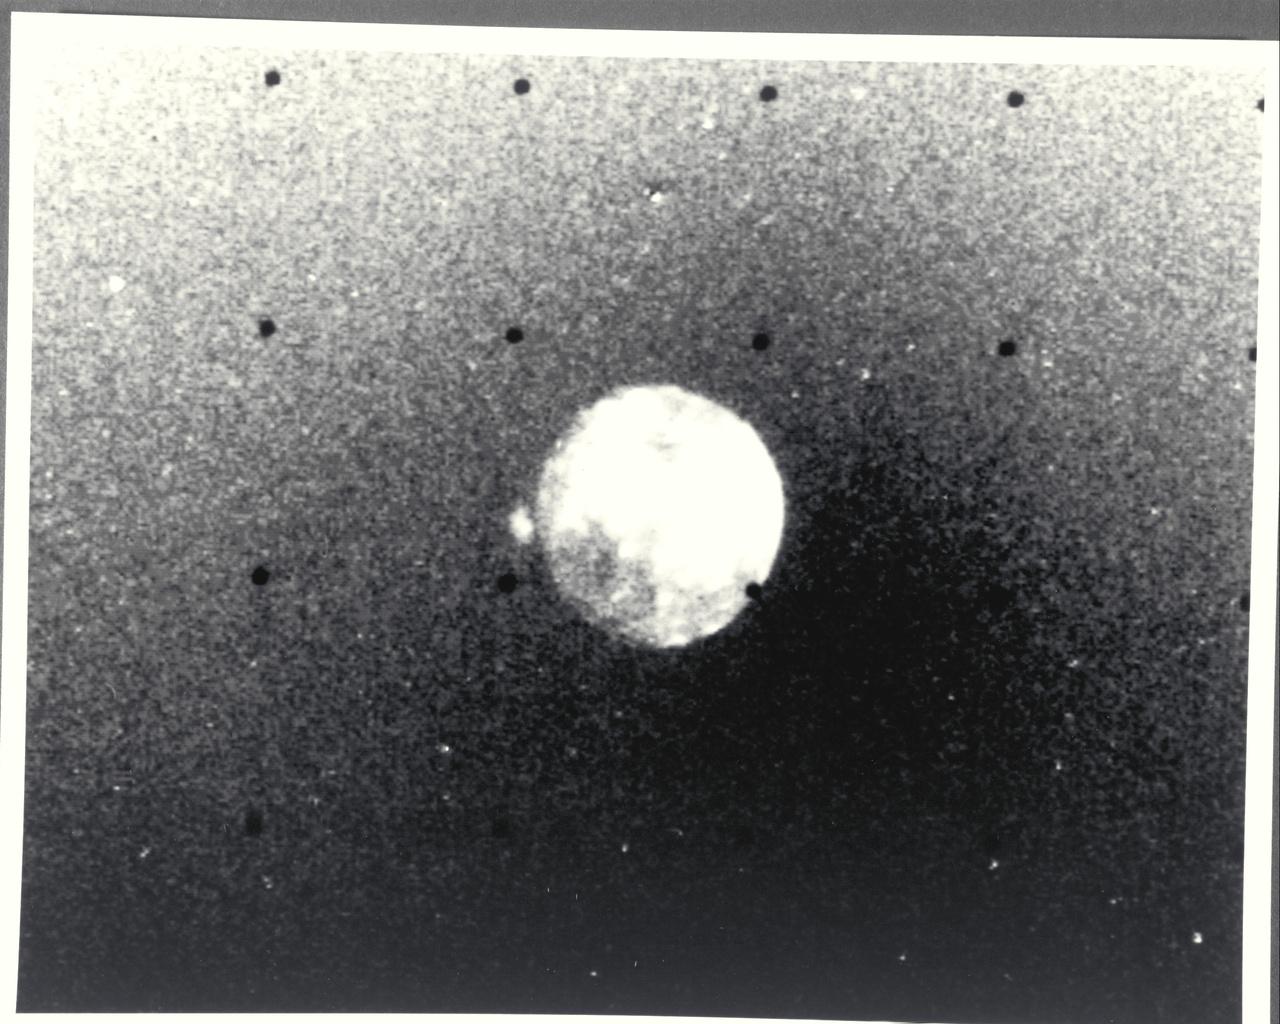 Voyager 2 körülbelül 4,76 millió kilométerre járt a Jupiter holdjától, az Iotól, amikor ezt a képet készítette ultraibolya szűrővel. A hold bal oldalán ugyanaz a vulkáni aktivitás figyelhető meg, amit a Voyager 1 is lefotózott.